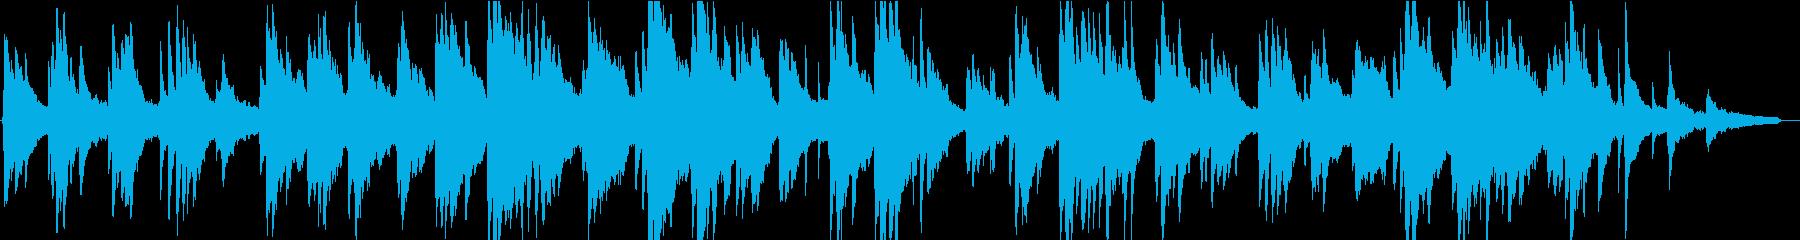 ヒーリングピアノ組曲 まどろみ 2の再生済みの波形